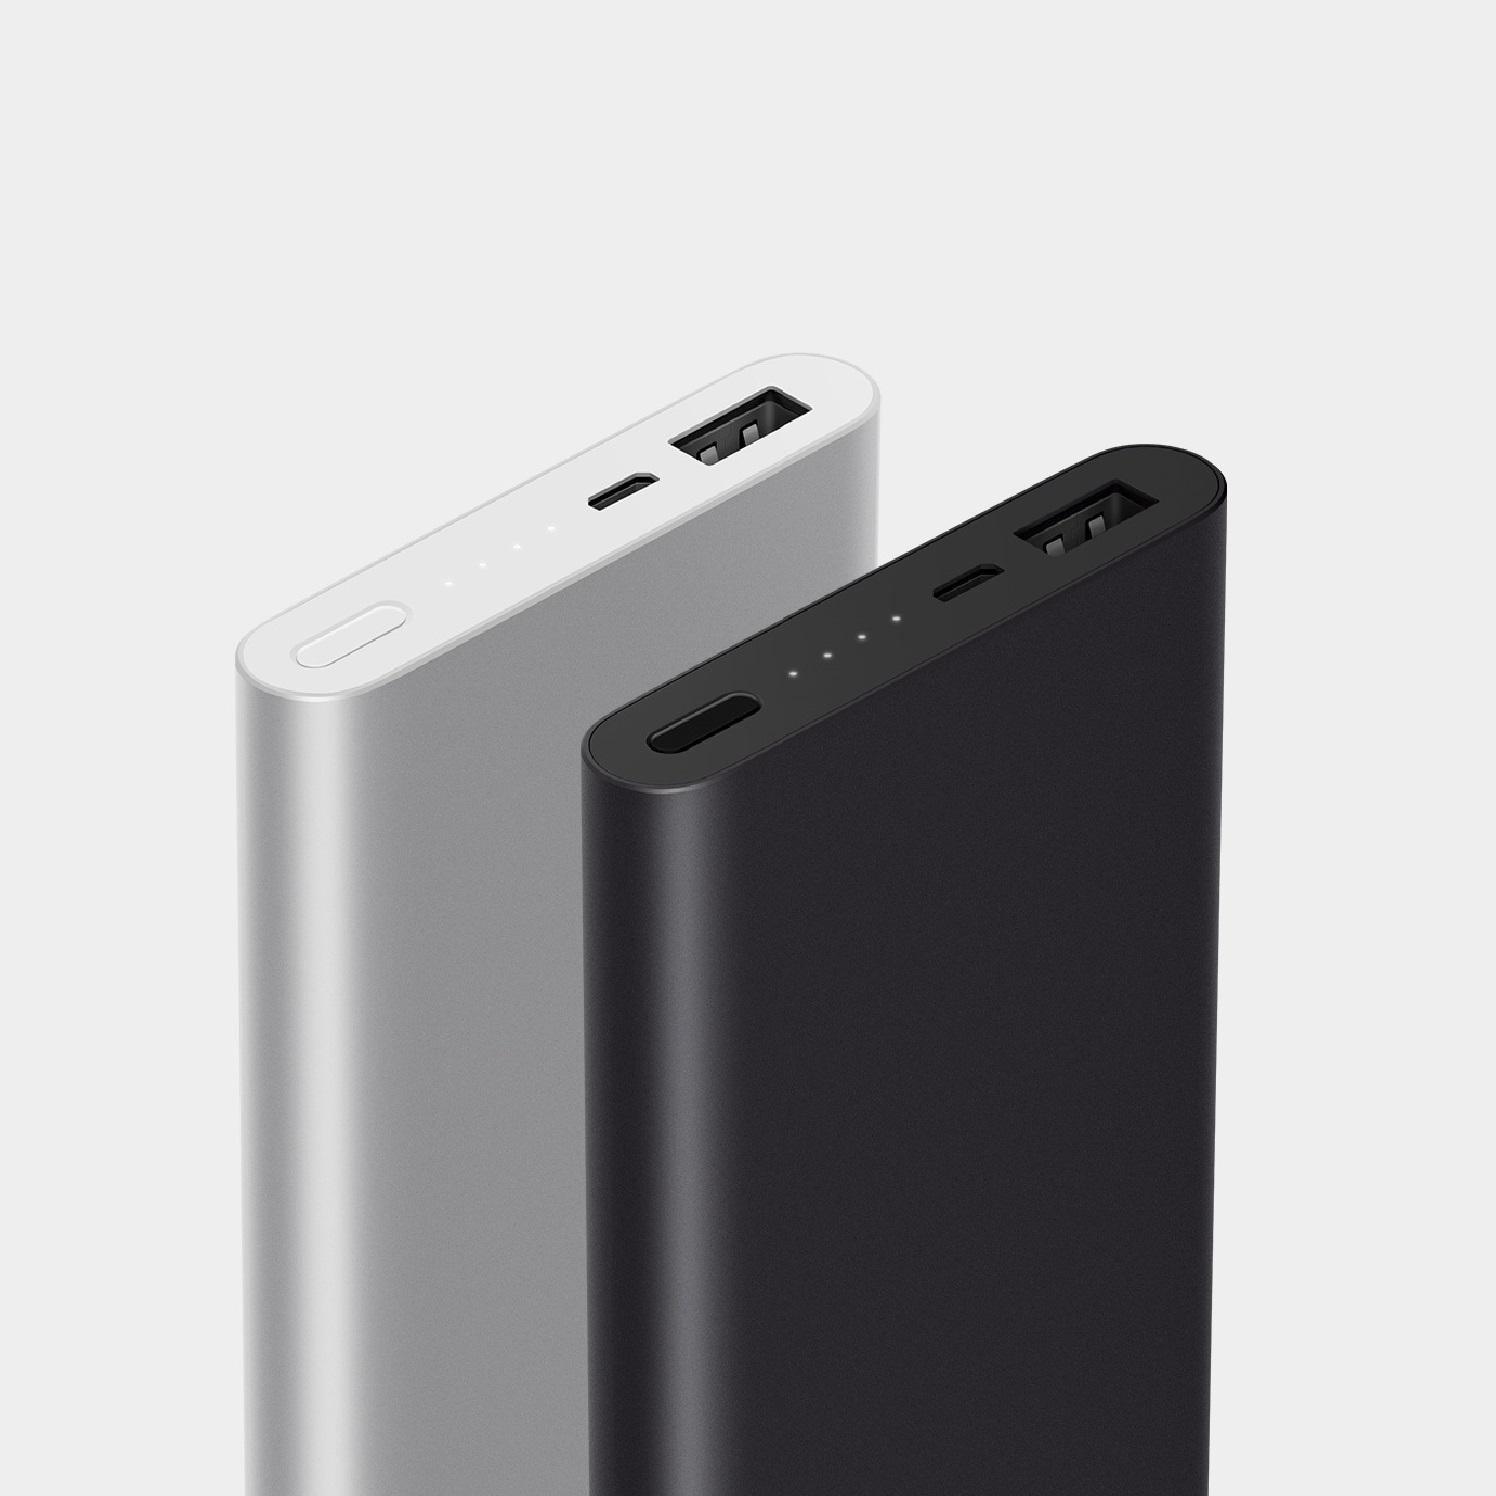 Pin Sạc Dự Phòng Xiaomi 10000mAh Gen 2 - Đen